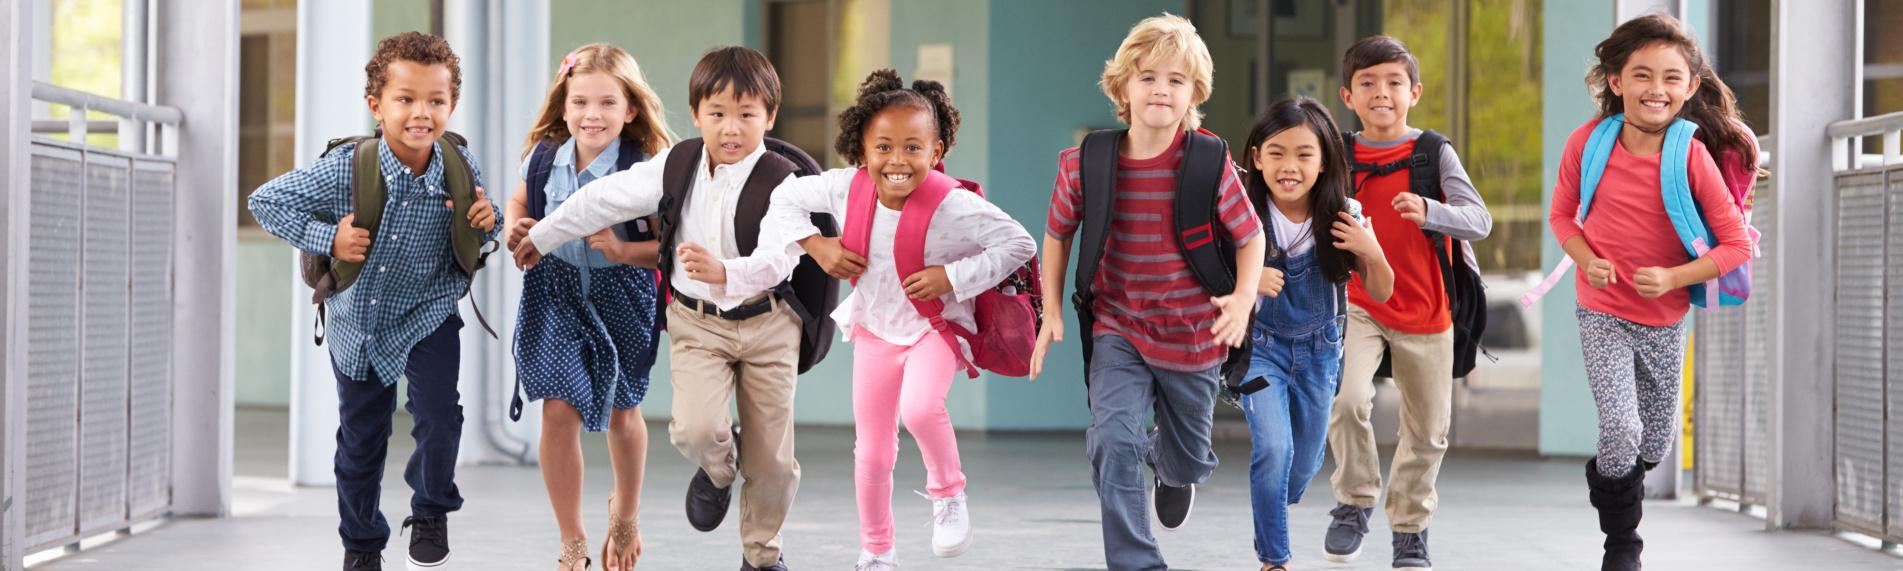 Ett bra inomhusklimat är viktigt för att barn ska trivas i skolan